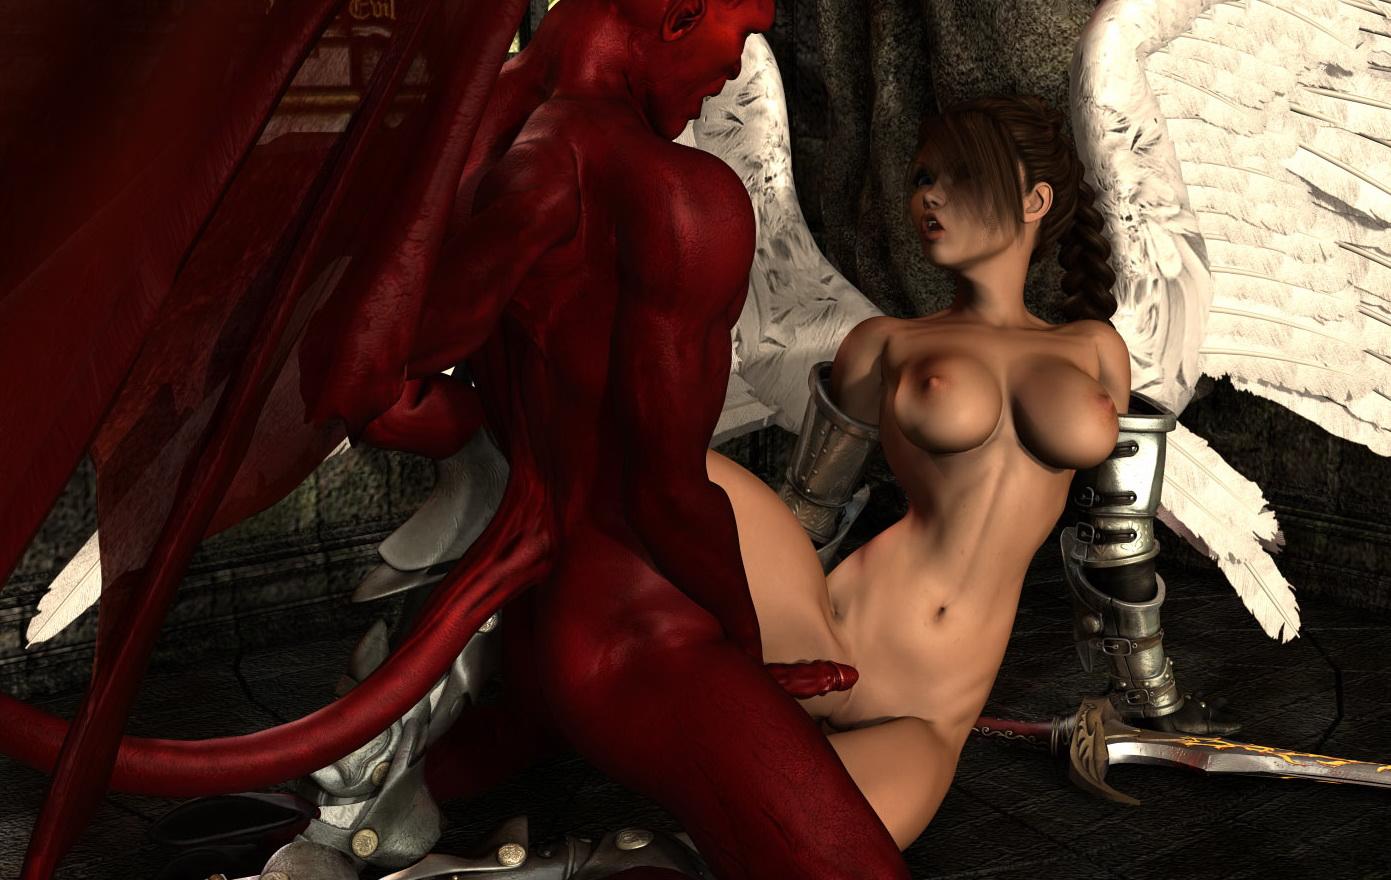 Секс с демонами фото, Honey Demon - все порно и секс фото модели 3 фотография